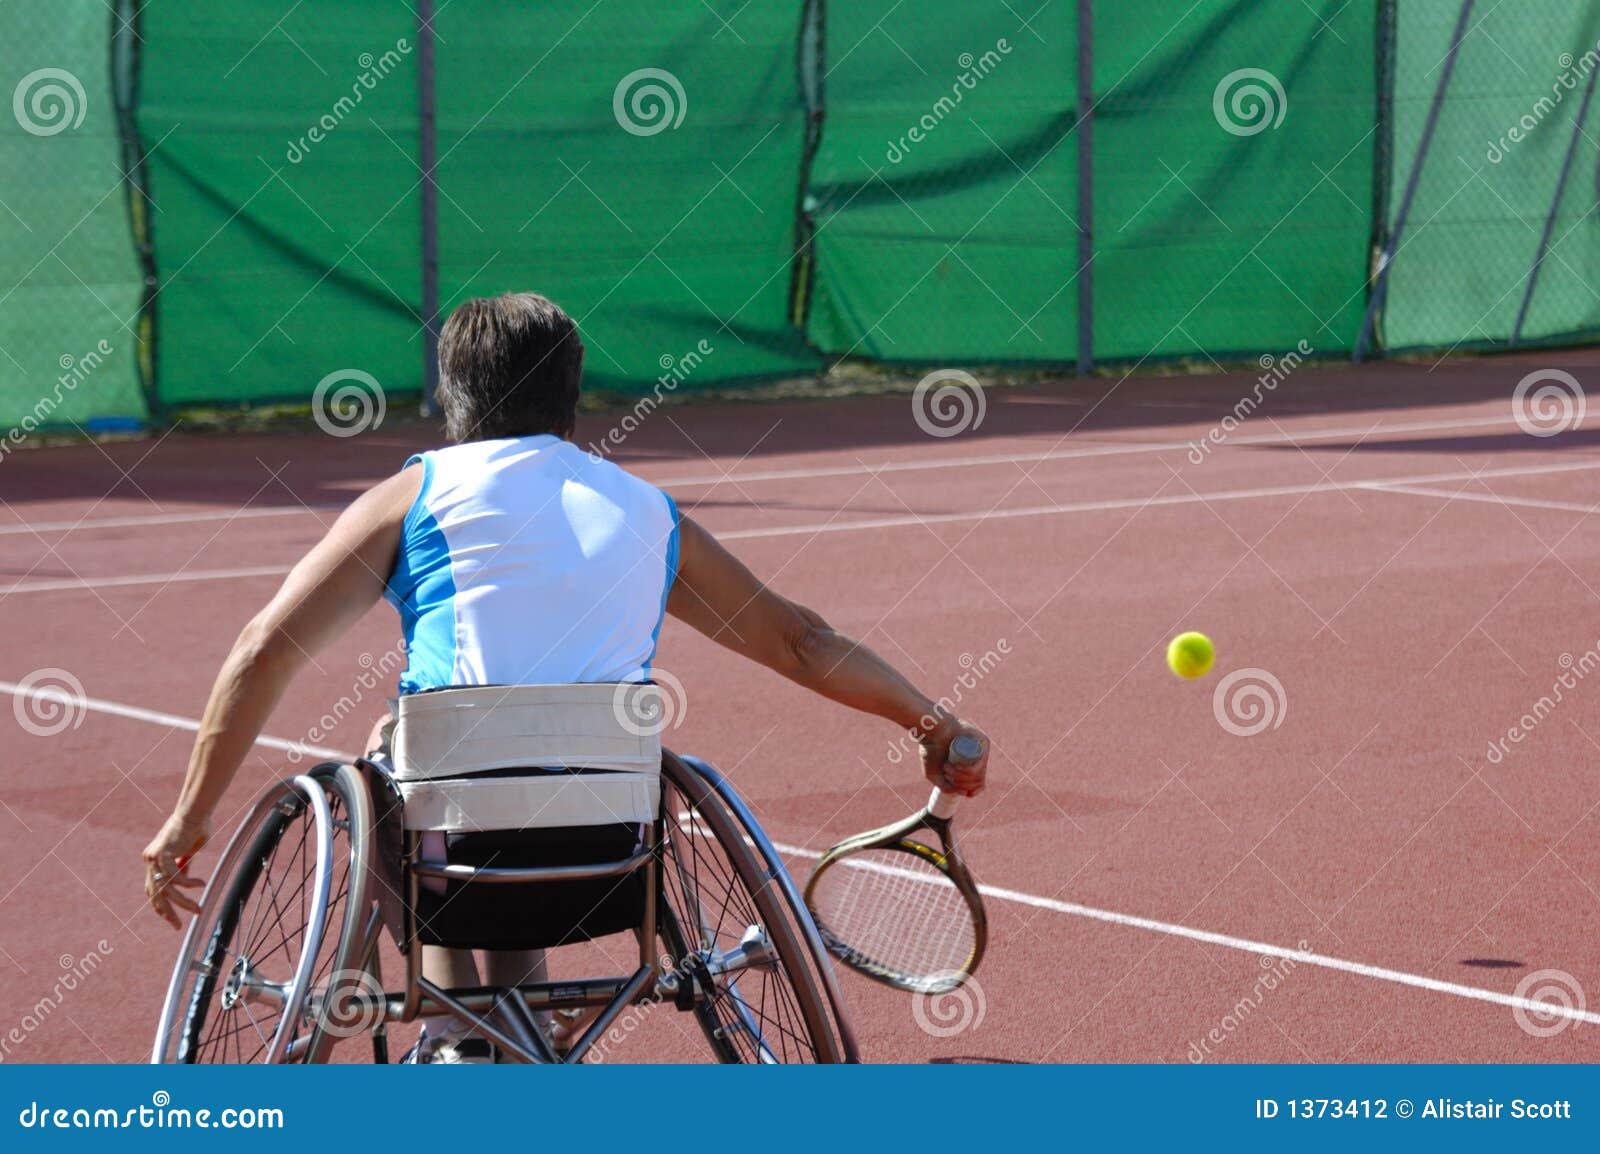 球员网球轮椅